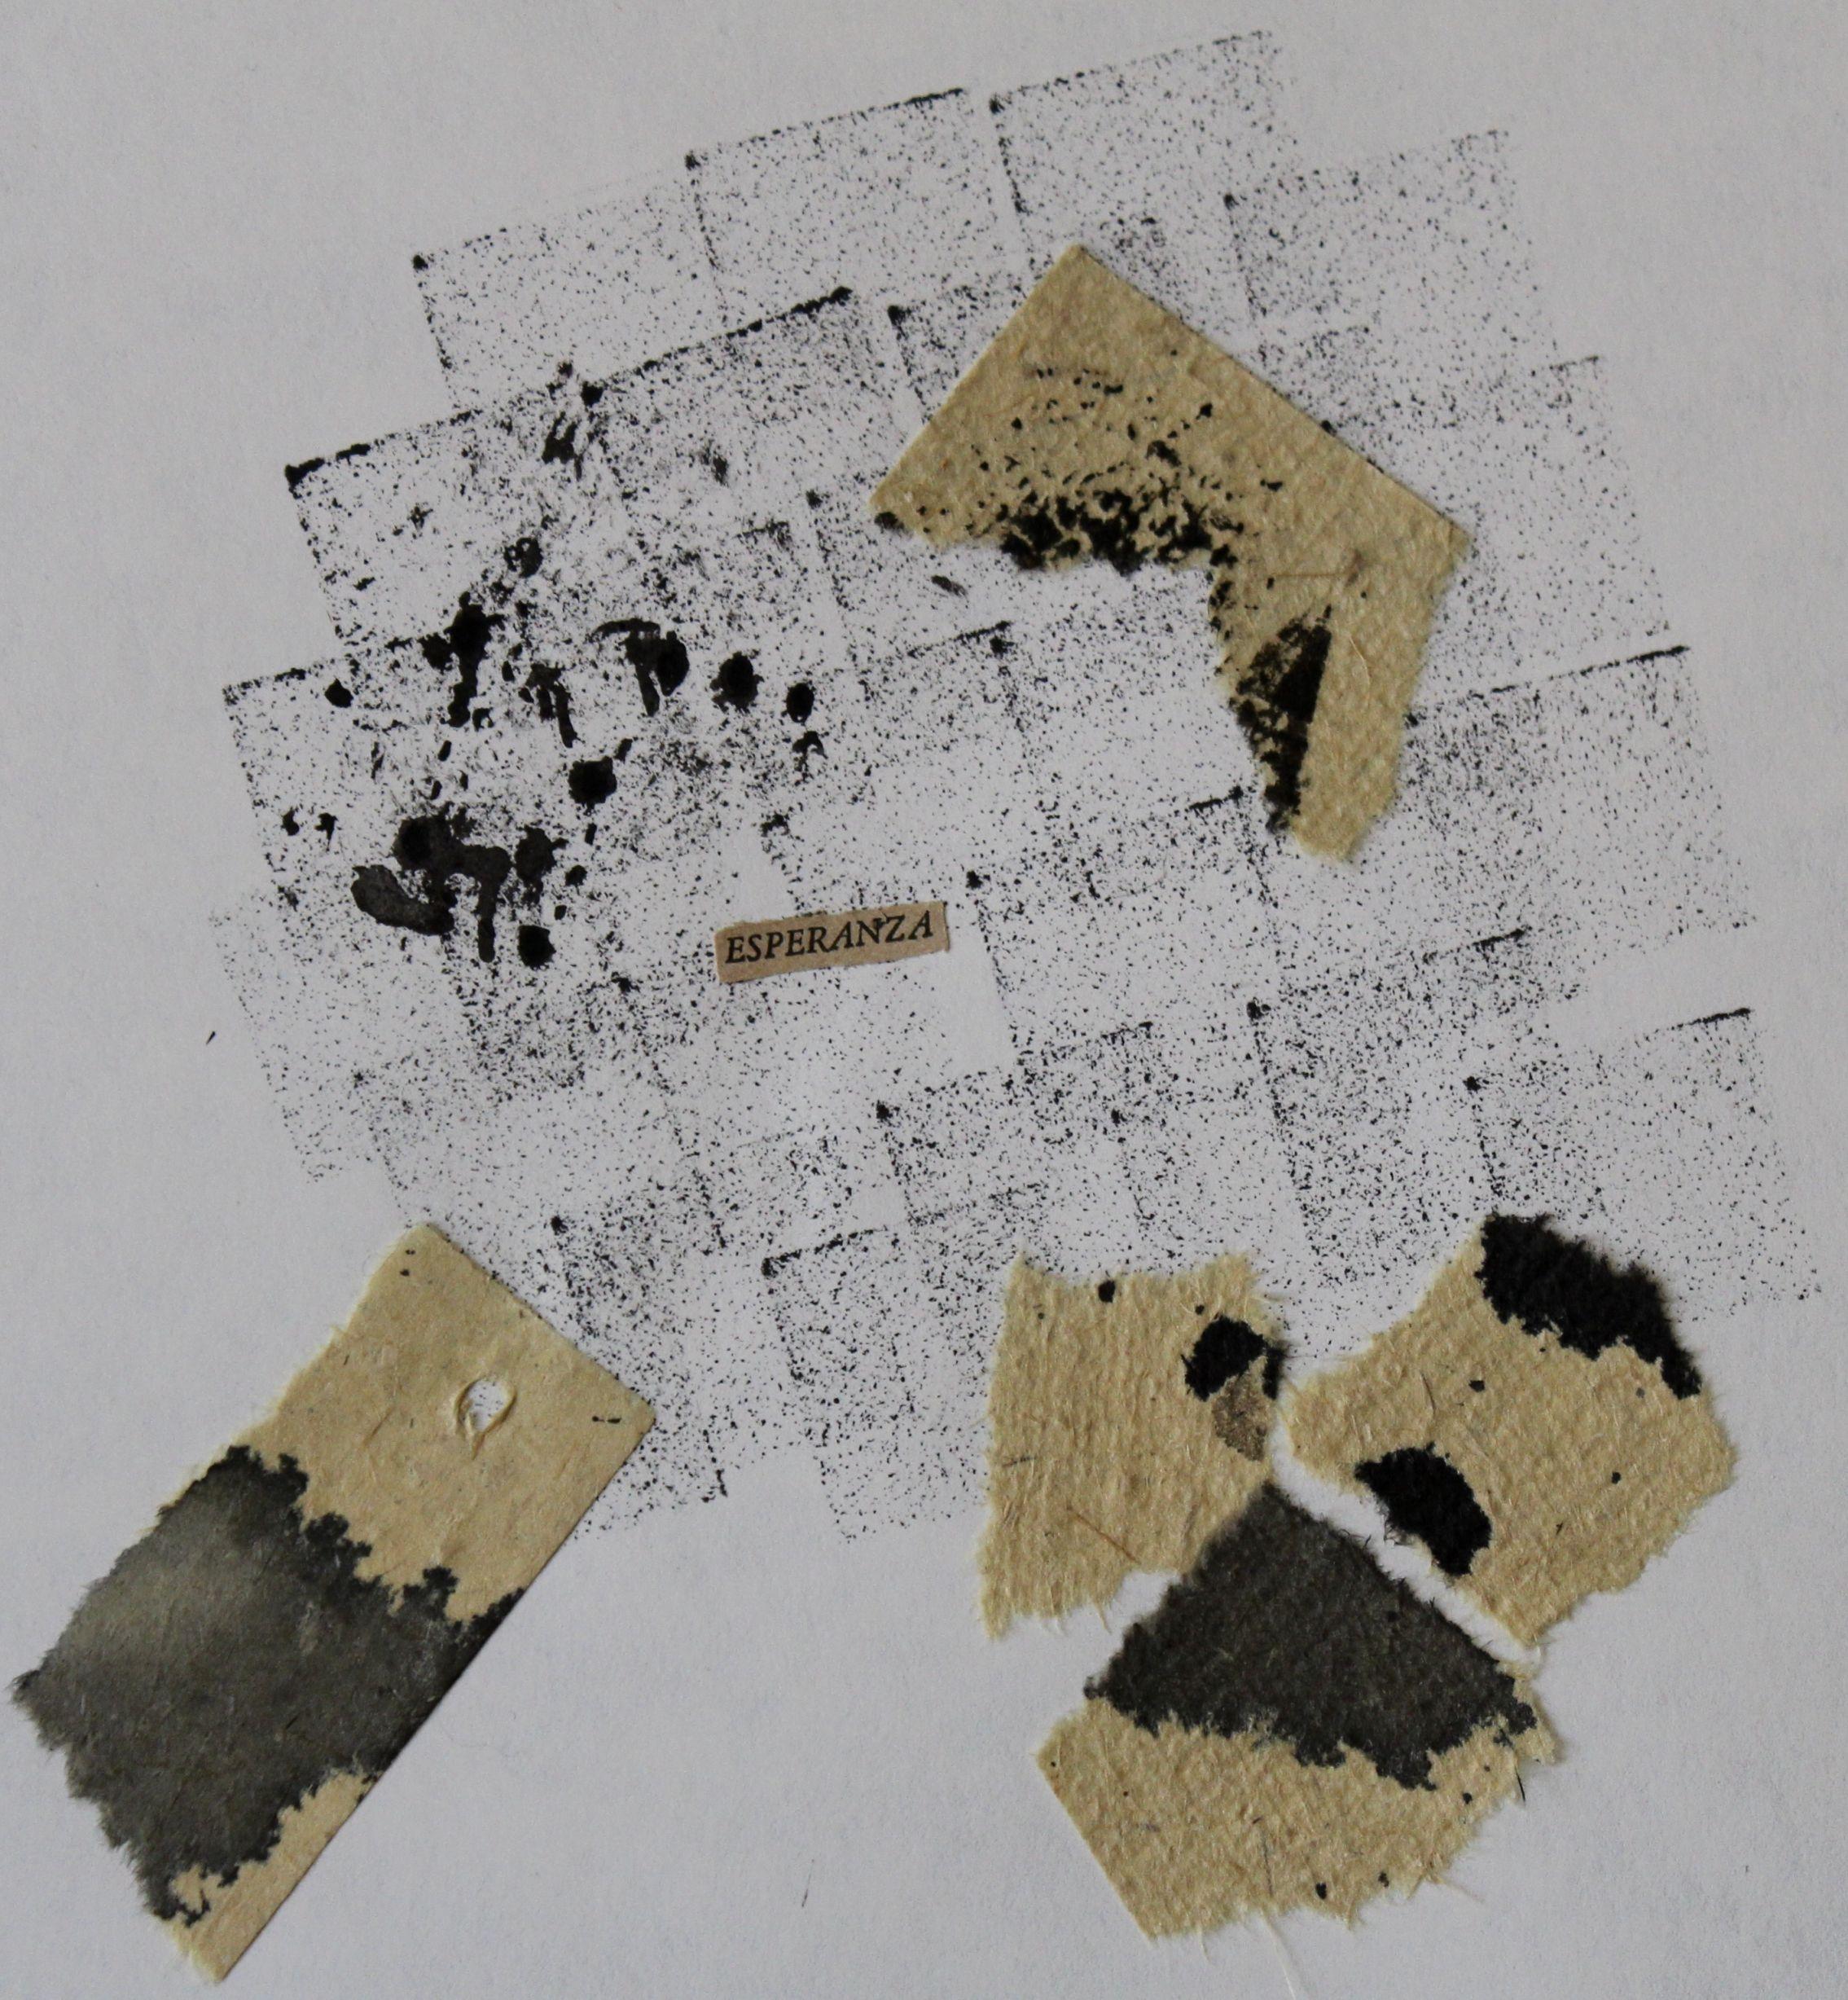 Sesgo (De la serie: Todo es mentira) (2017) - María Ruisánchez Ortega - Werly